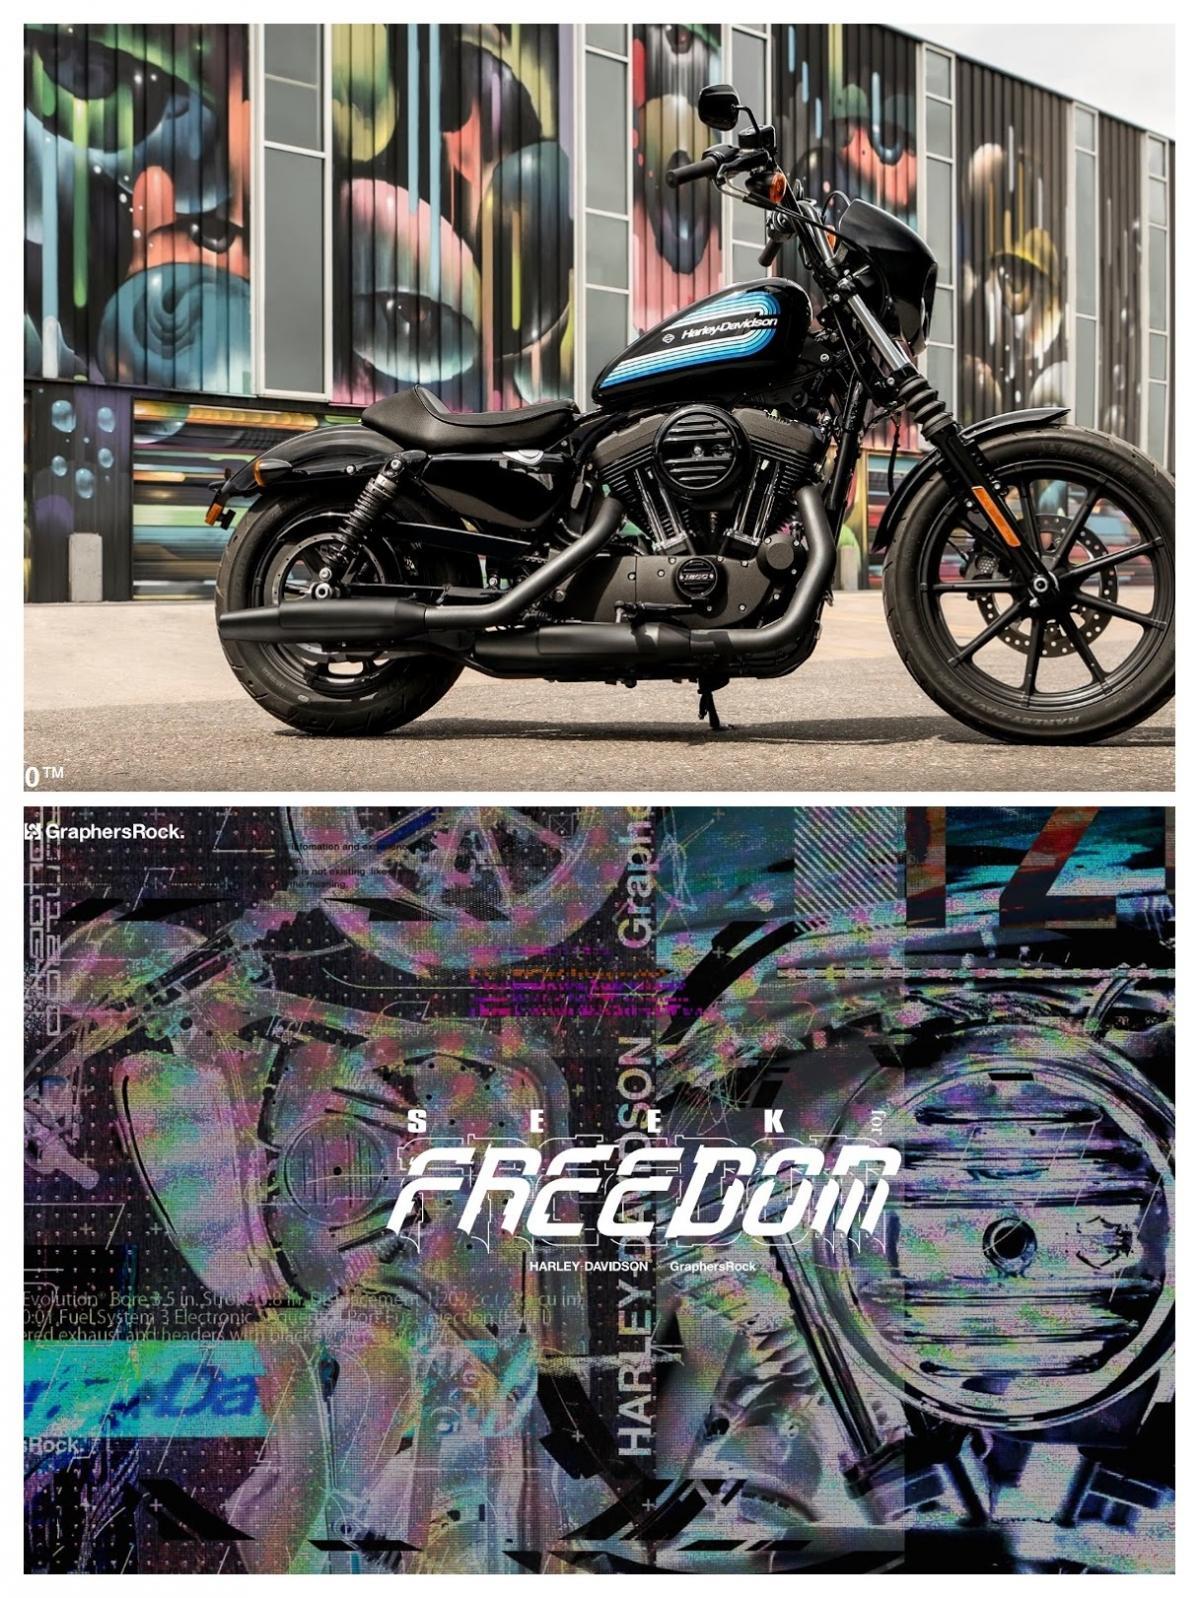 ハーレーとGraphersRockによる新プロジェクト「SEEK for FREEDOM」始動!